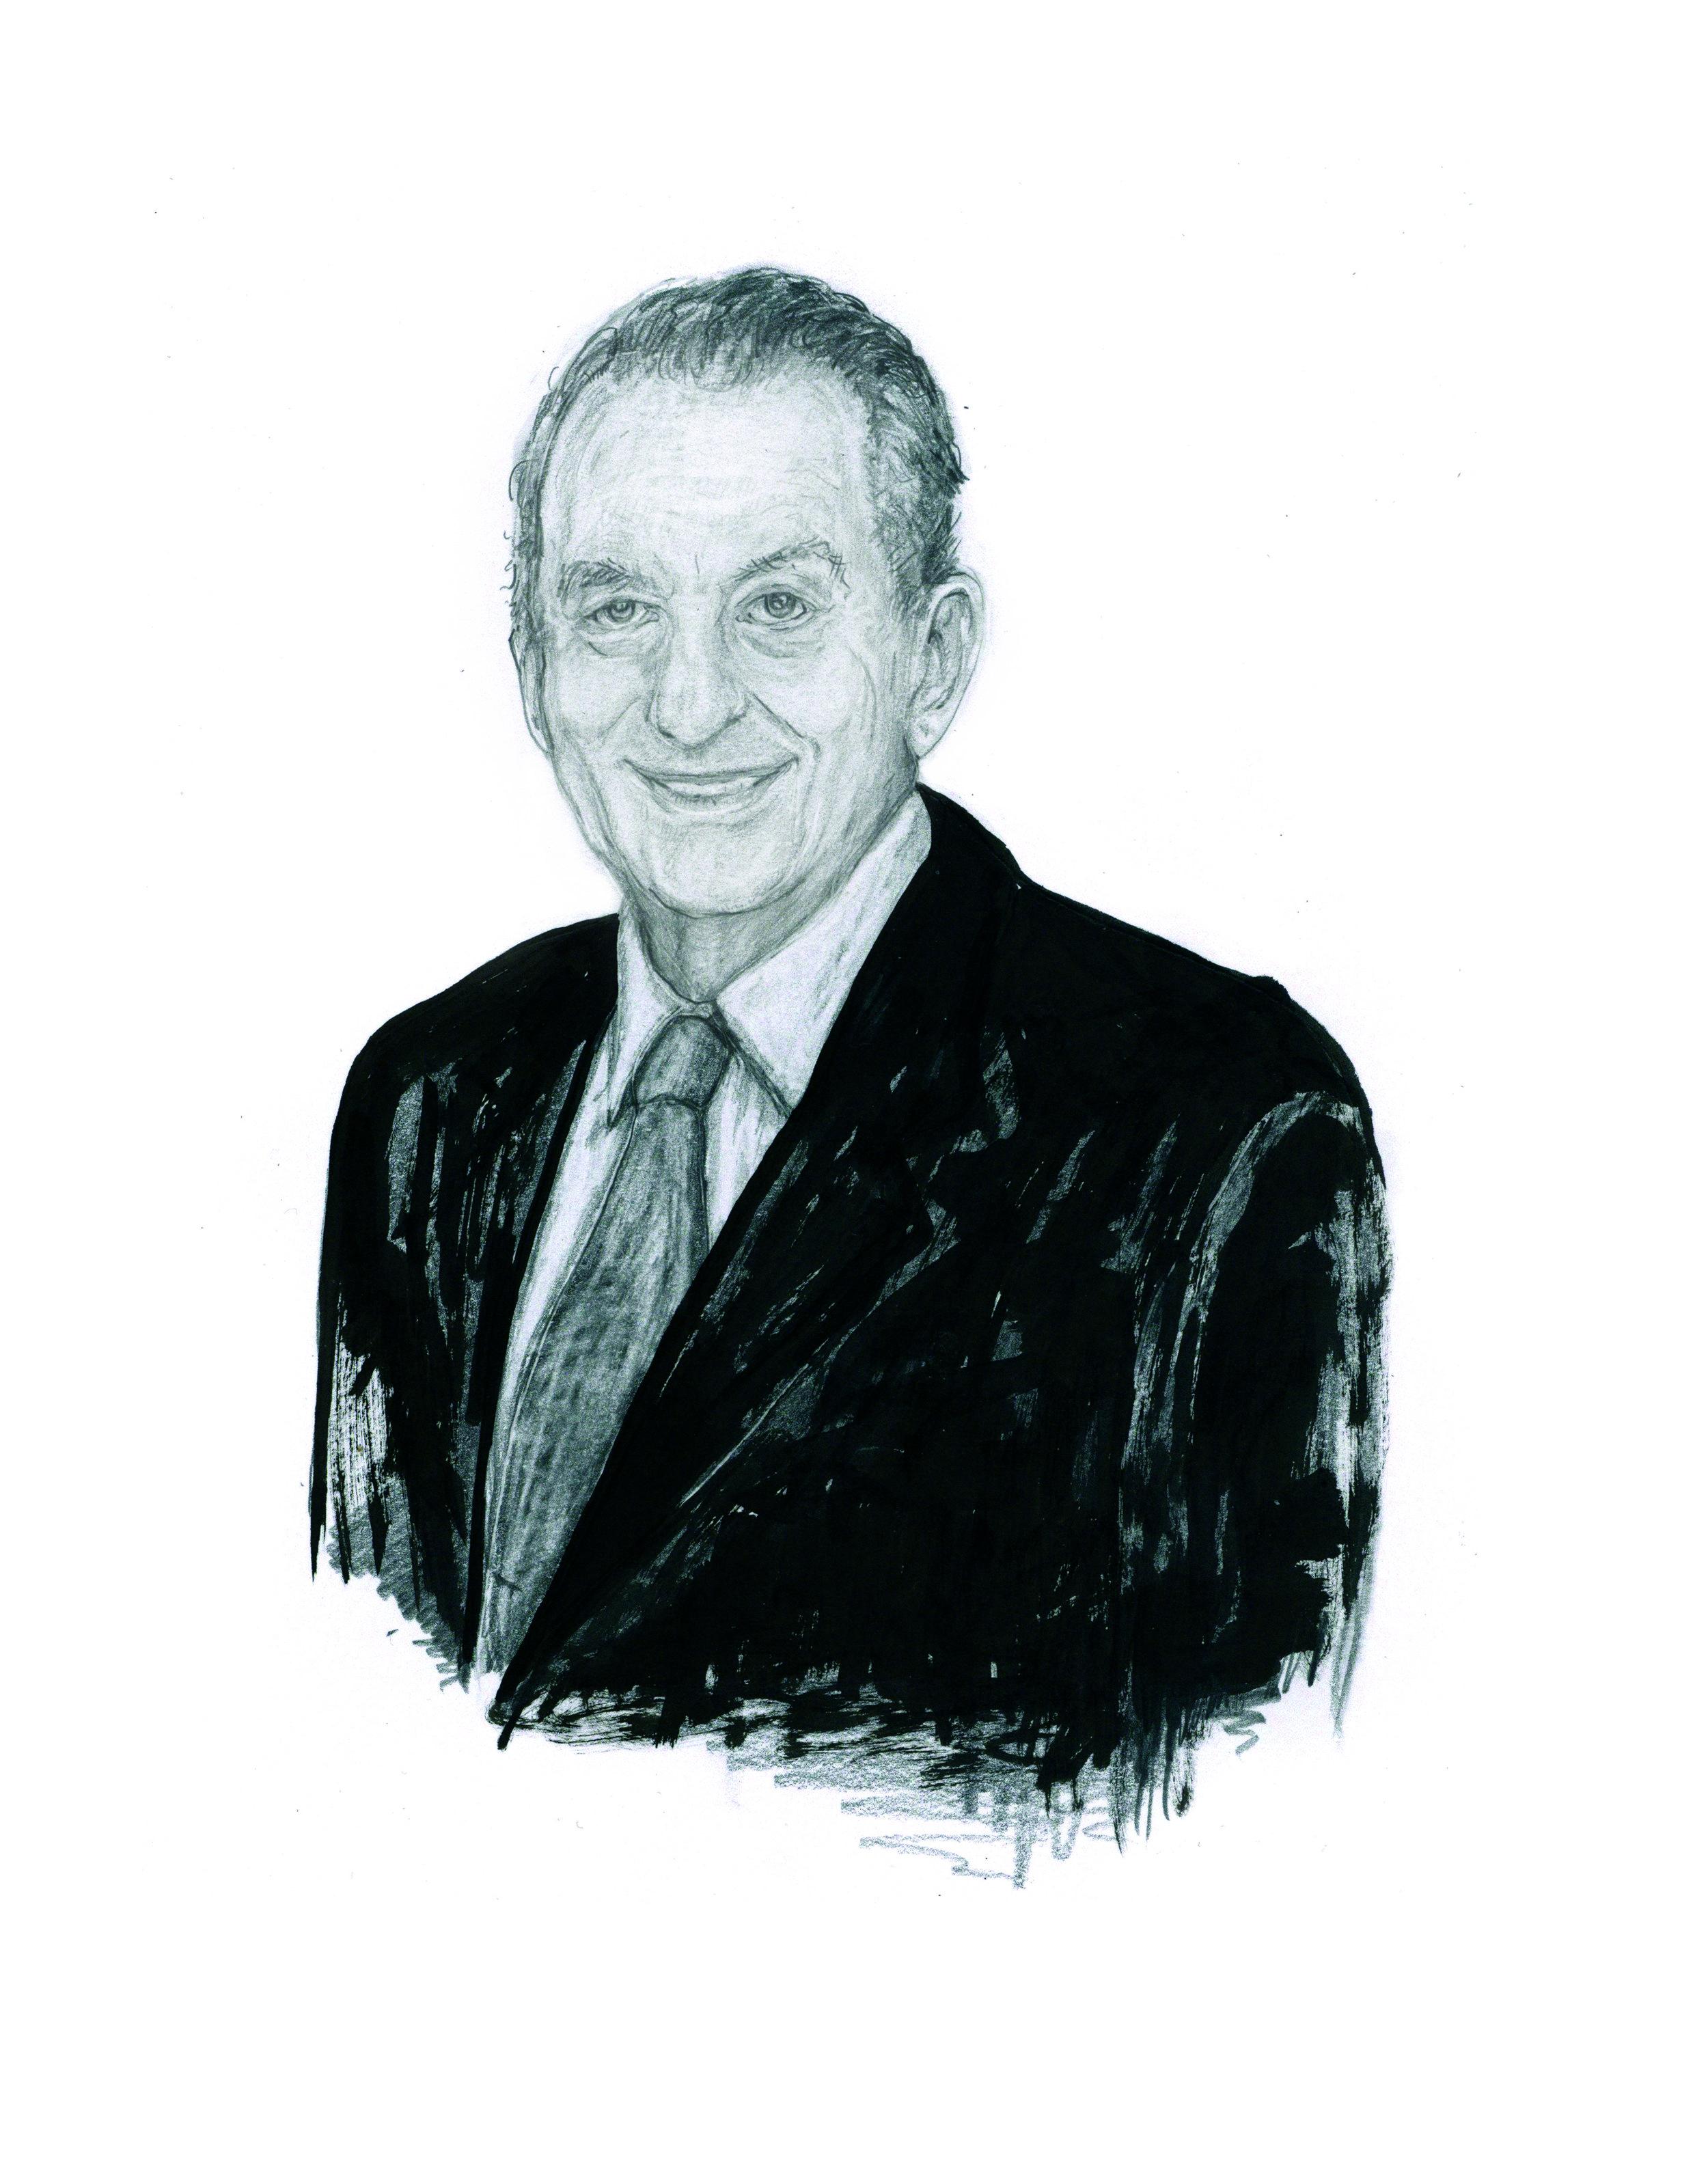 Dr. George Olah